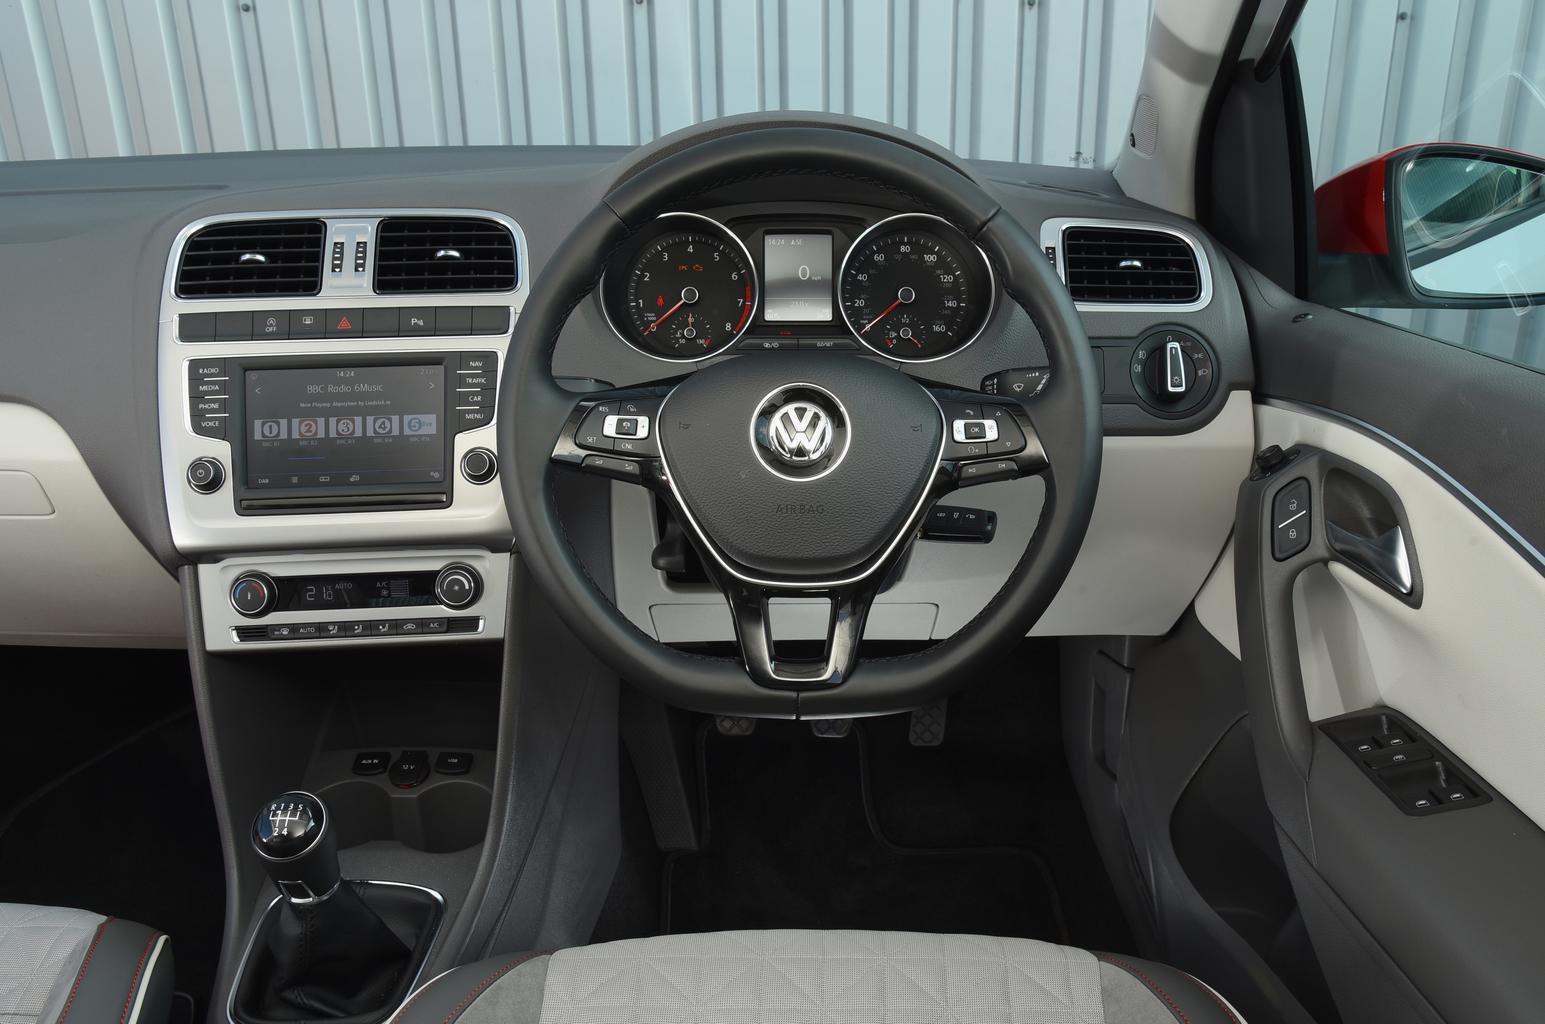 2017 VW Polo Beats review